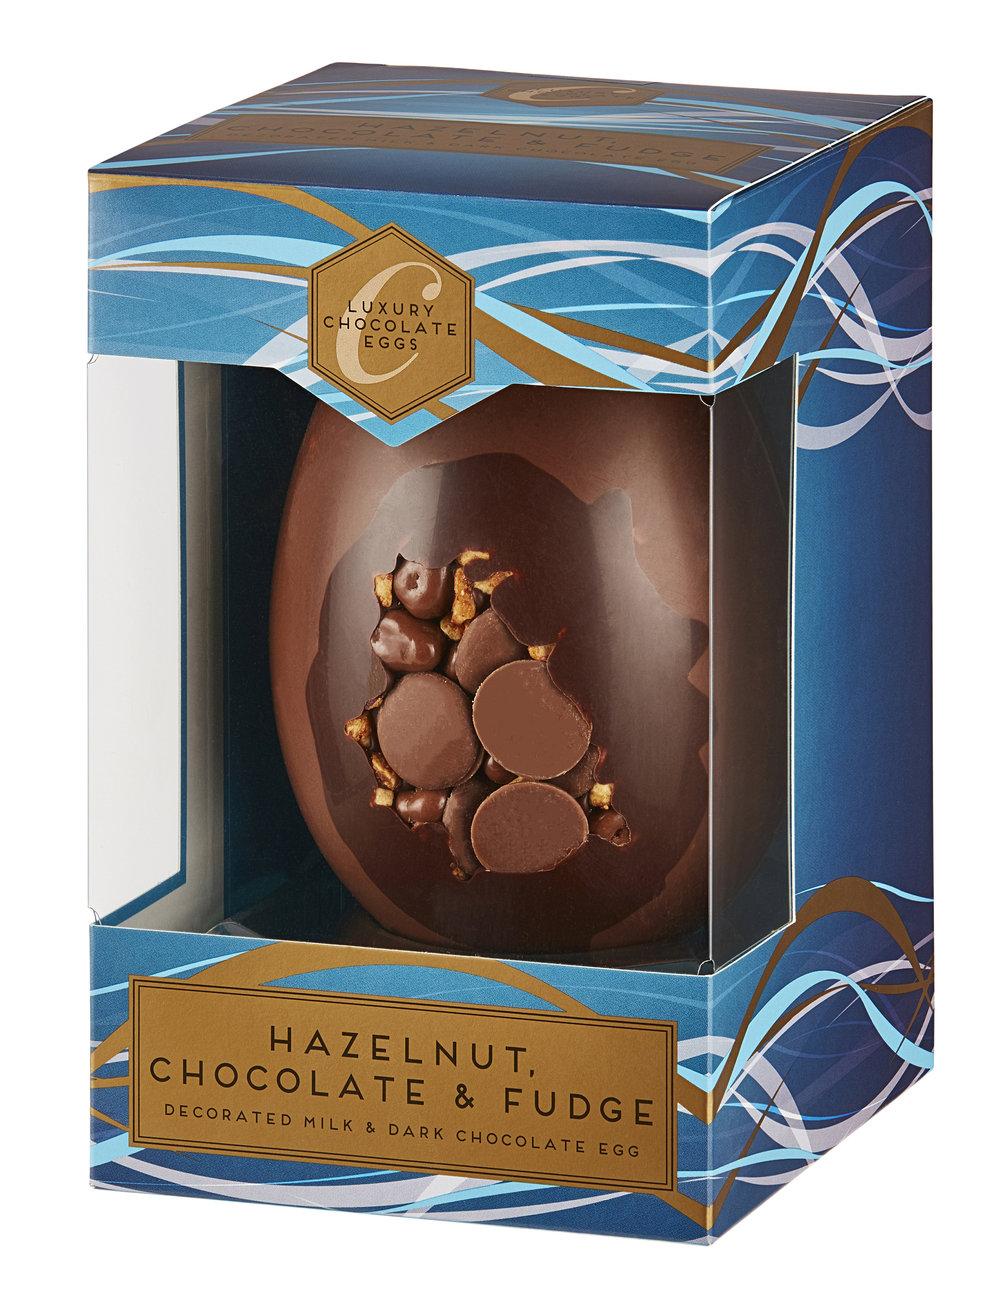 Hazelnut-Chocolate-Fudge-Easter-Egg